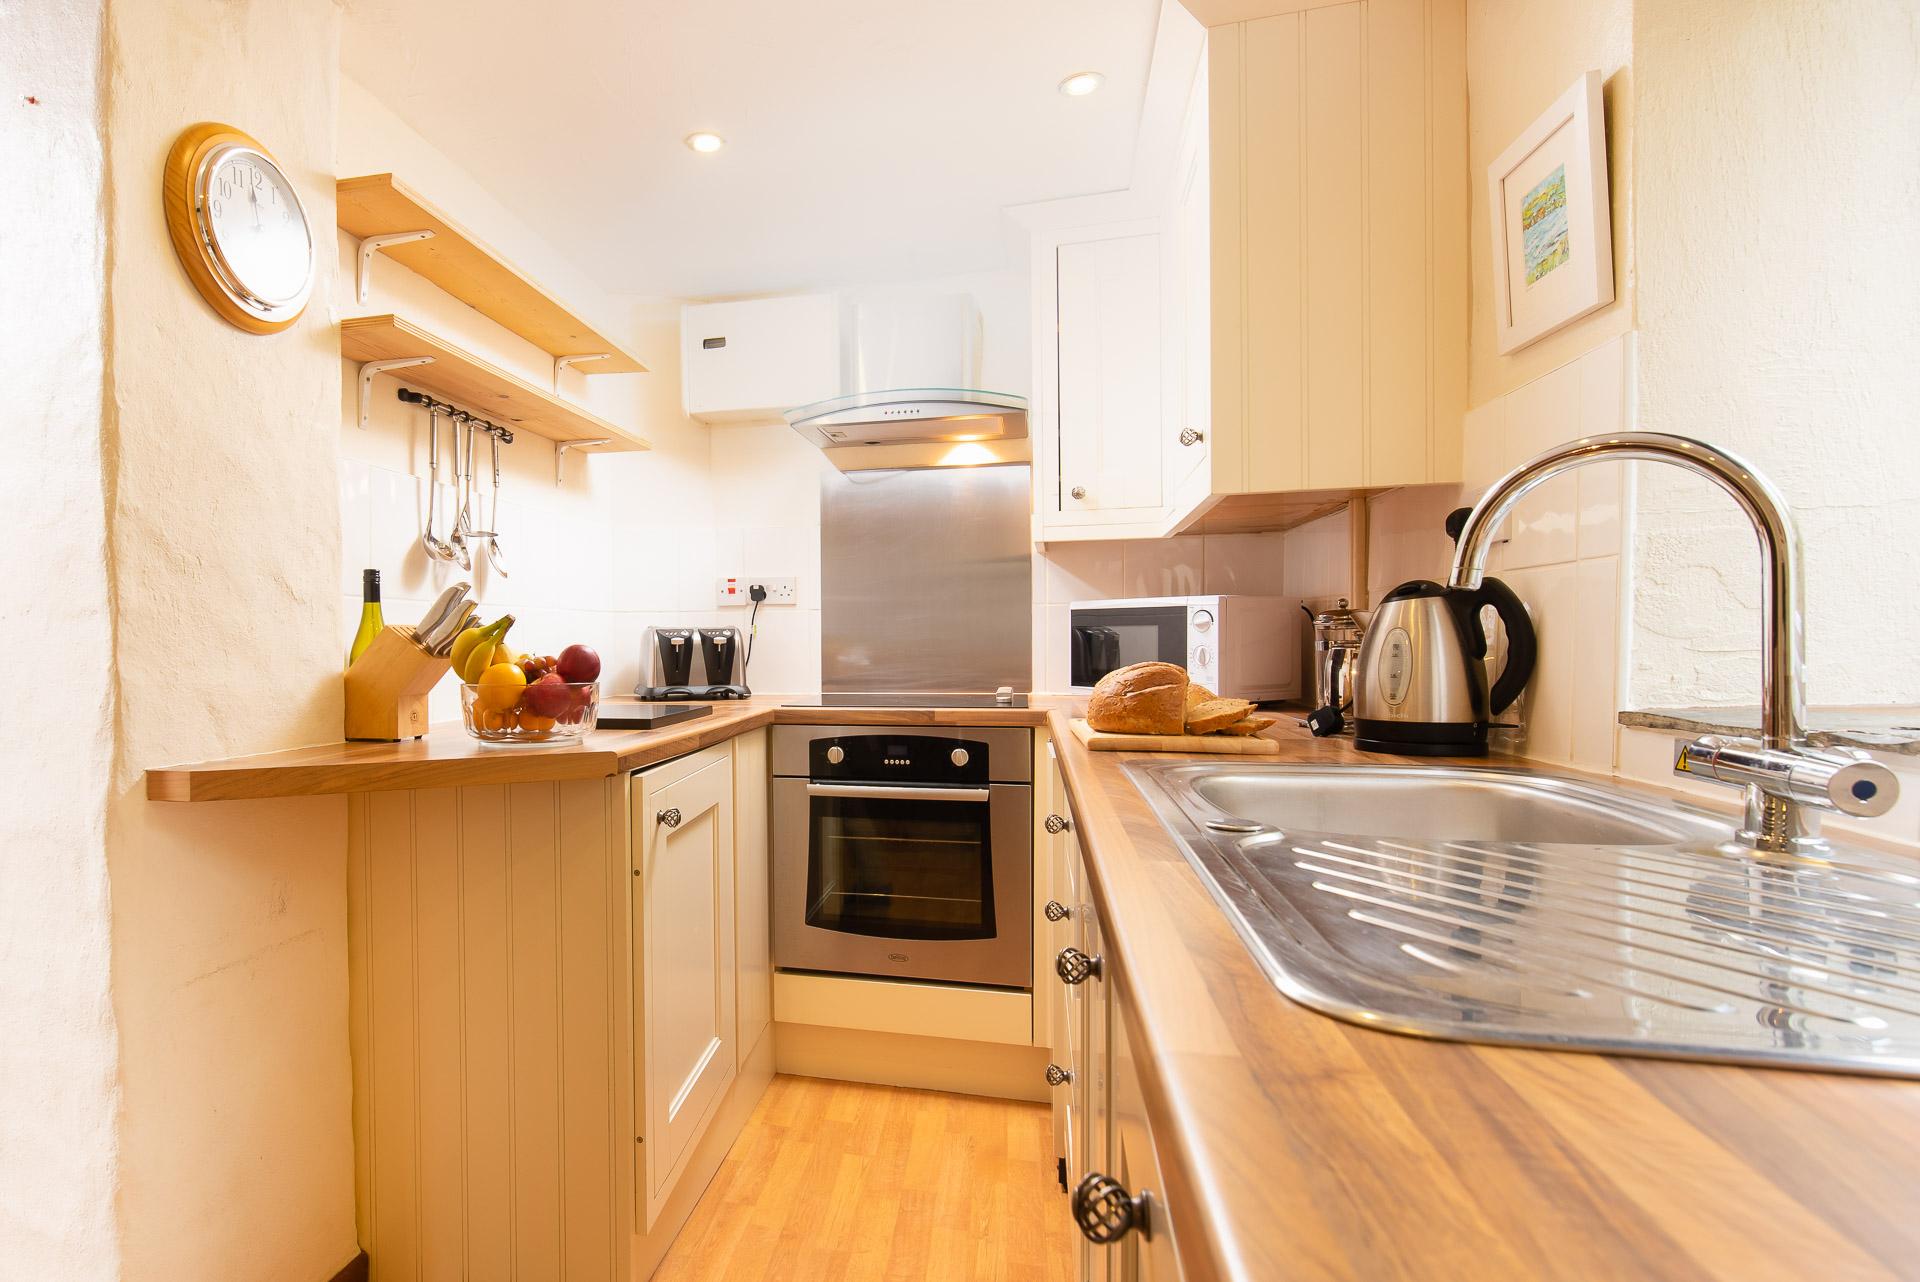 Shippen kitchen